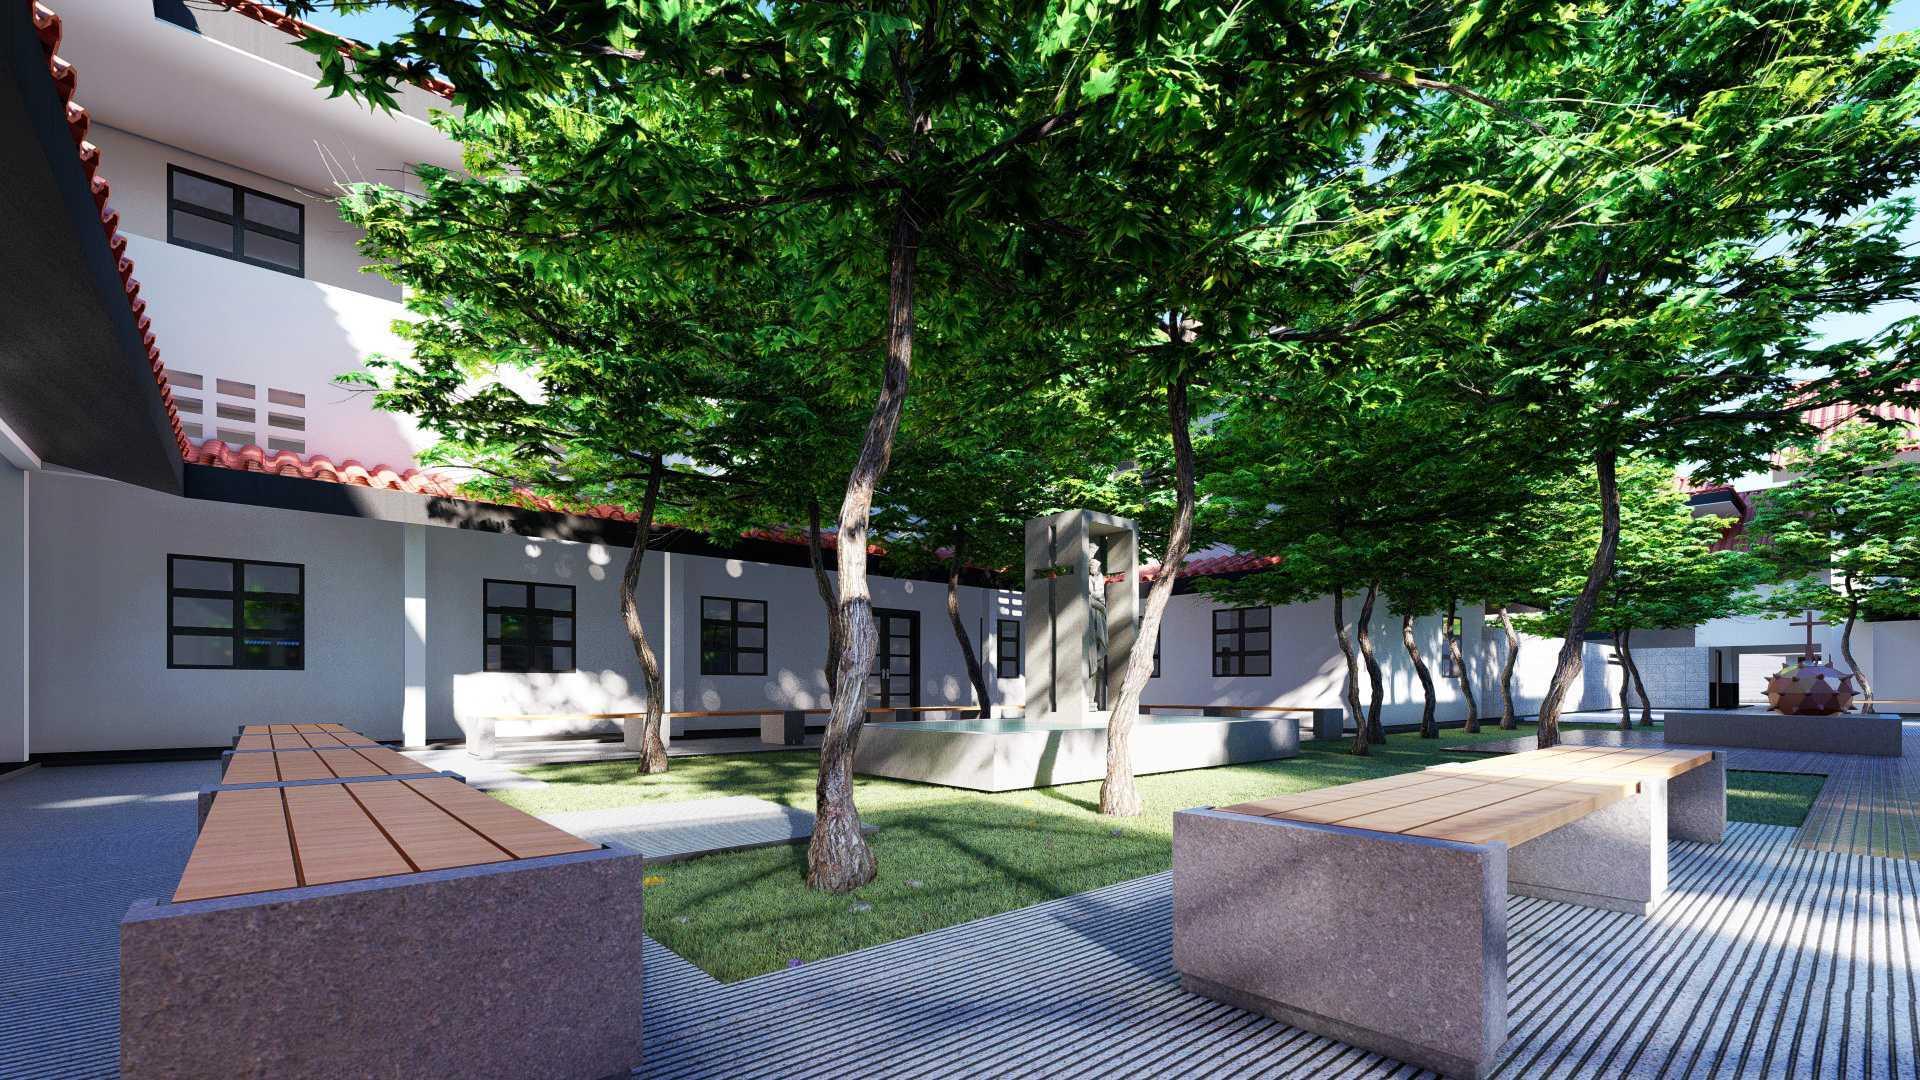 Aeternite Loyola College Semarang Tengah, Kota Semarang, Jawa Tengah, Indonesia Semarang Tengah, Kota Semarang, Jawa Tengah, Indonesia Aeternite-Loyola-College  63826